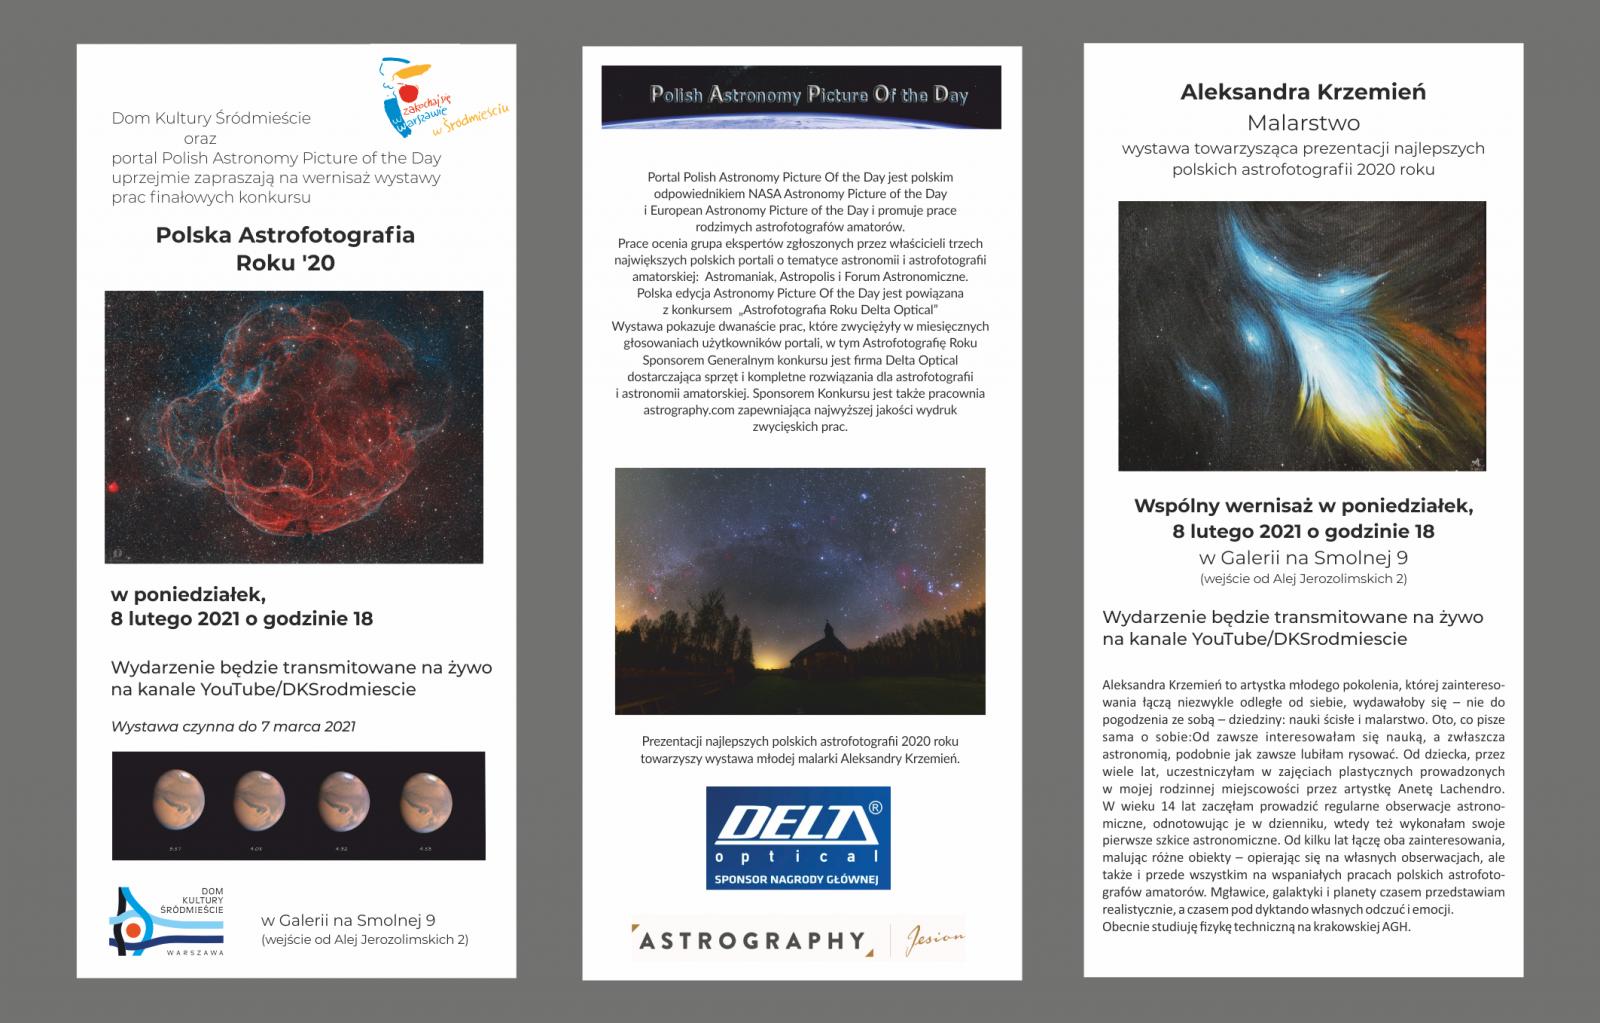 Astrofotagrafia.thumb.png.d19bd749b10153698d0c53e51847a415.png